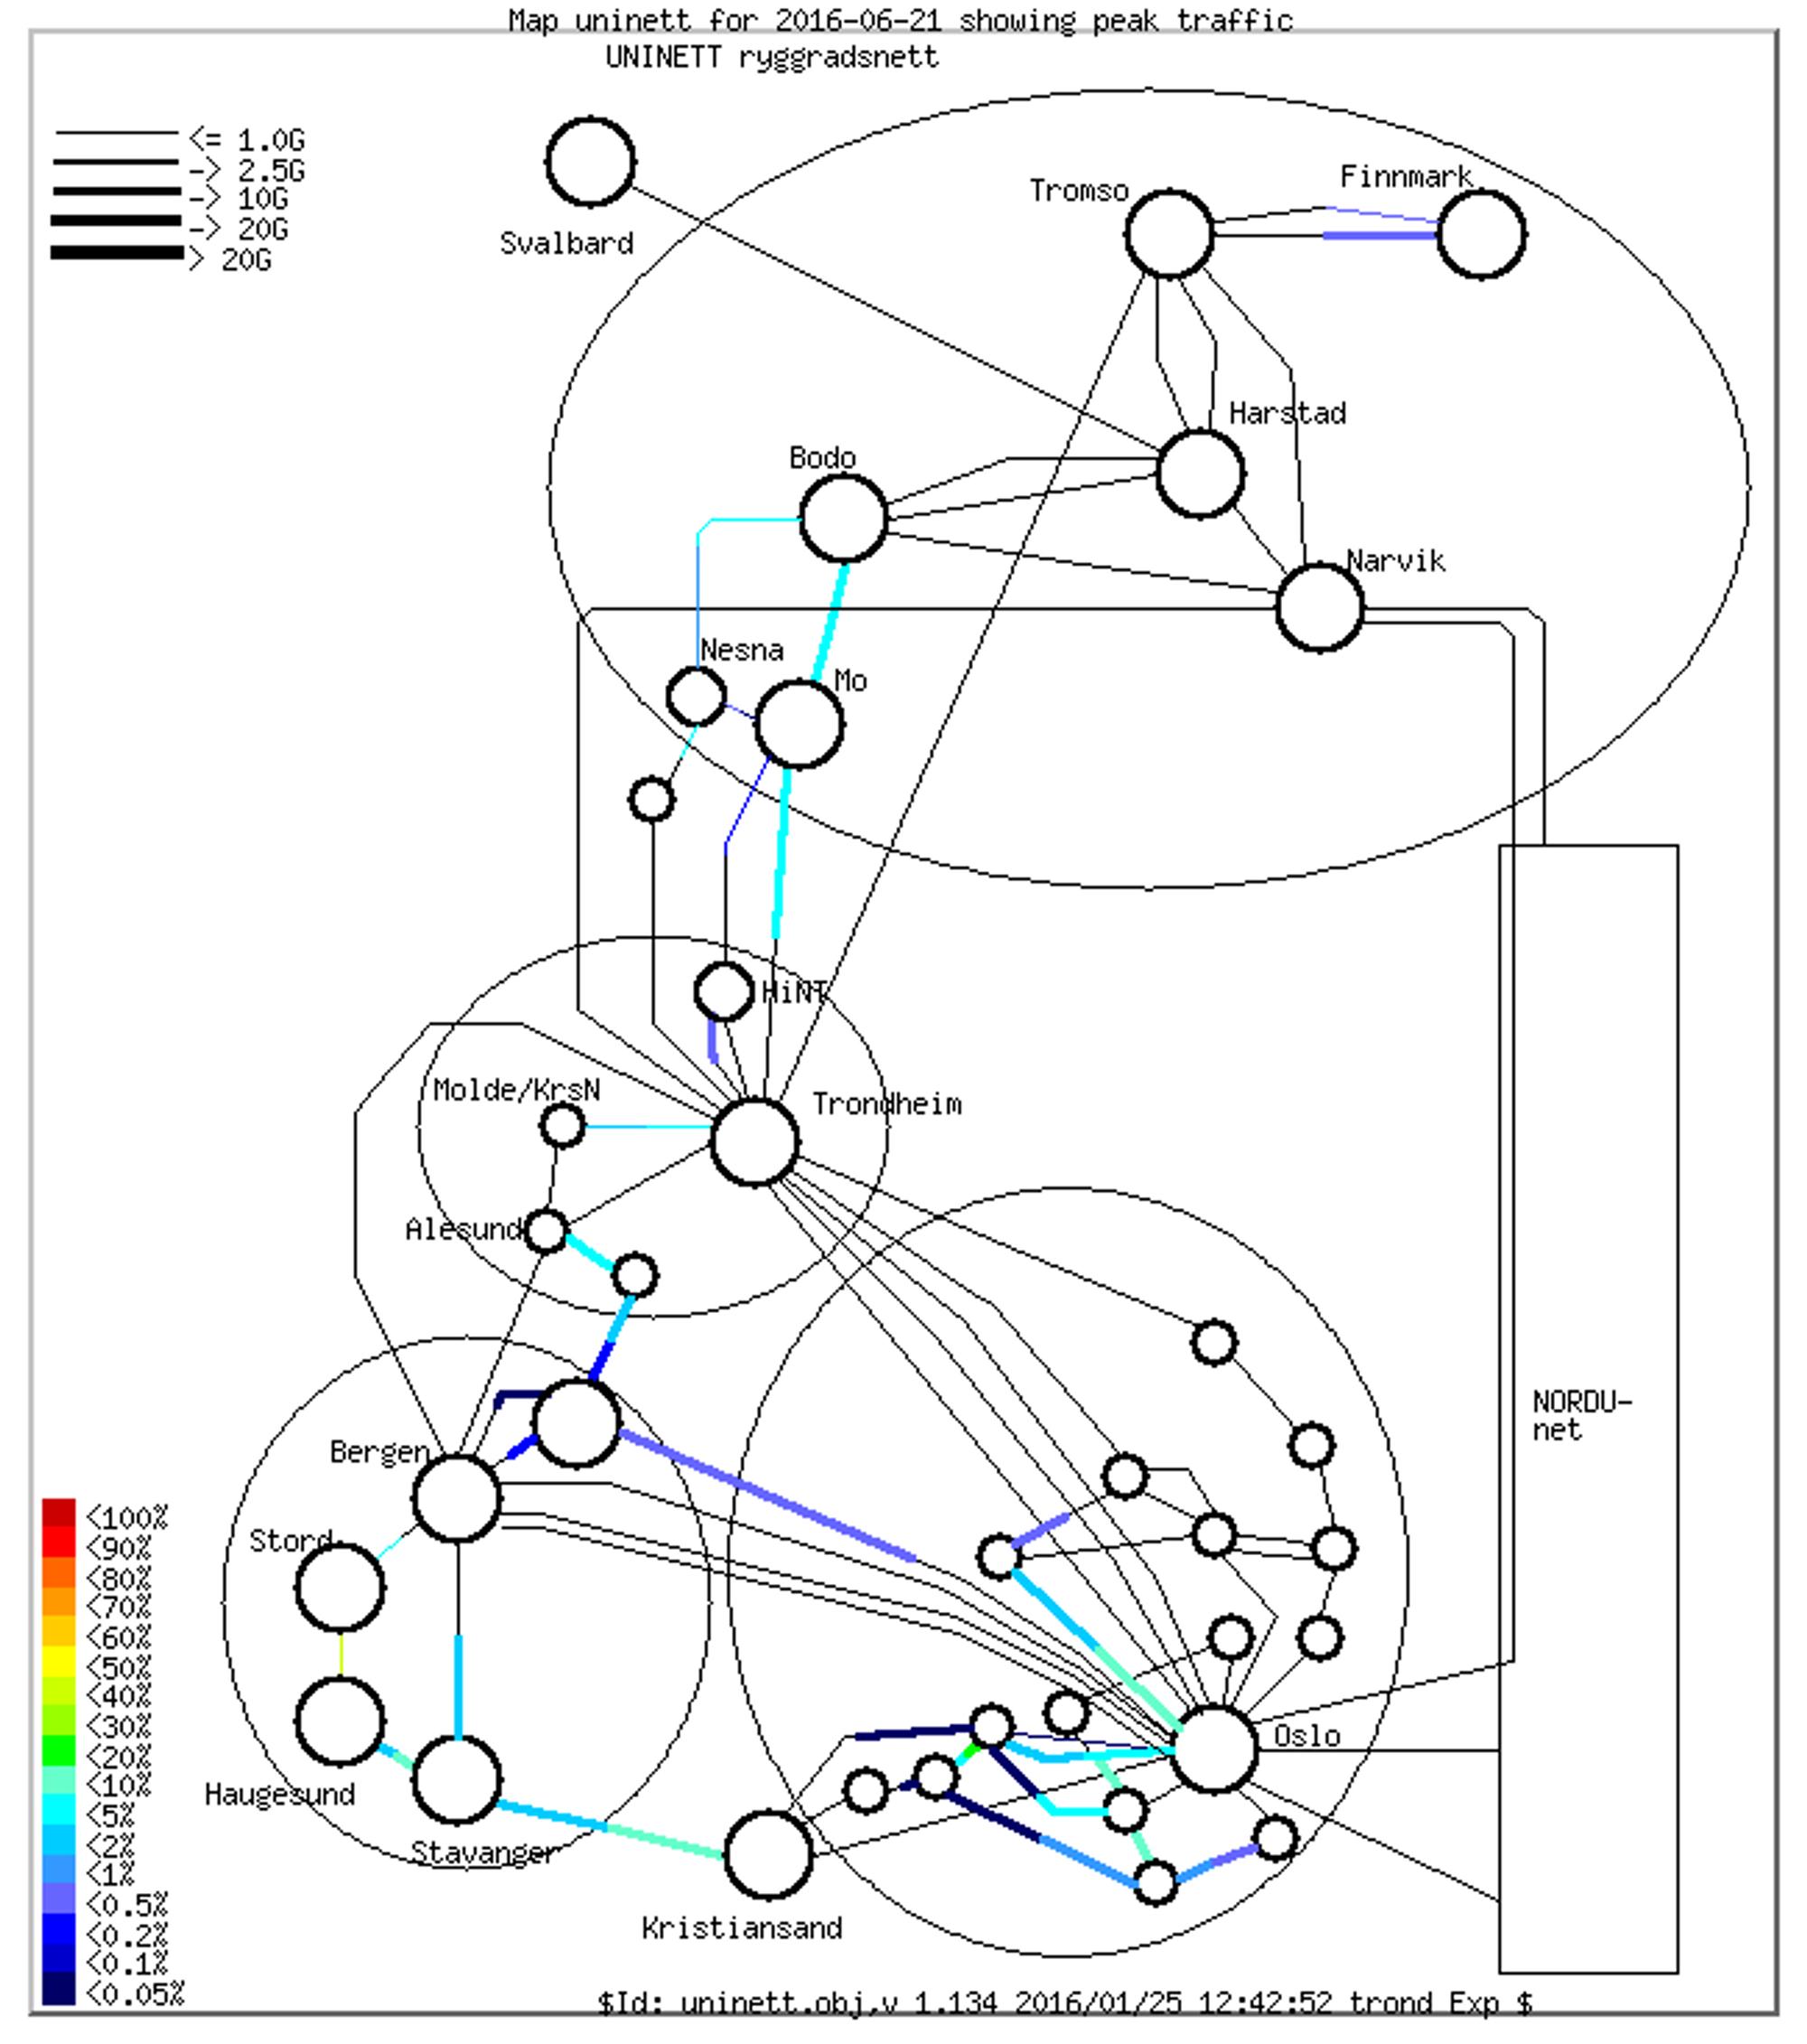 Nettverkskart som viser trafikk i forskningsnettet til Uninett onsdag morgen. Foto: Uninett